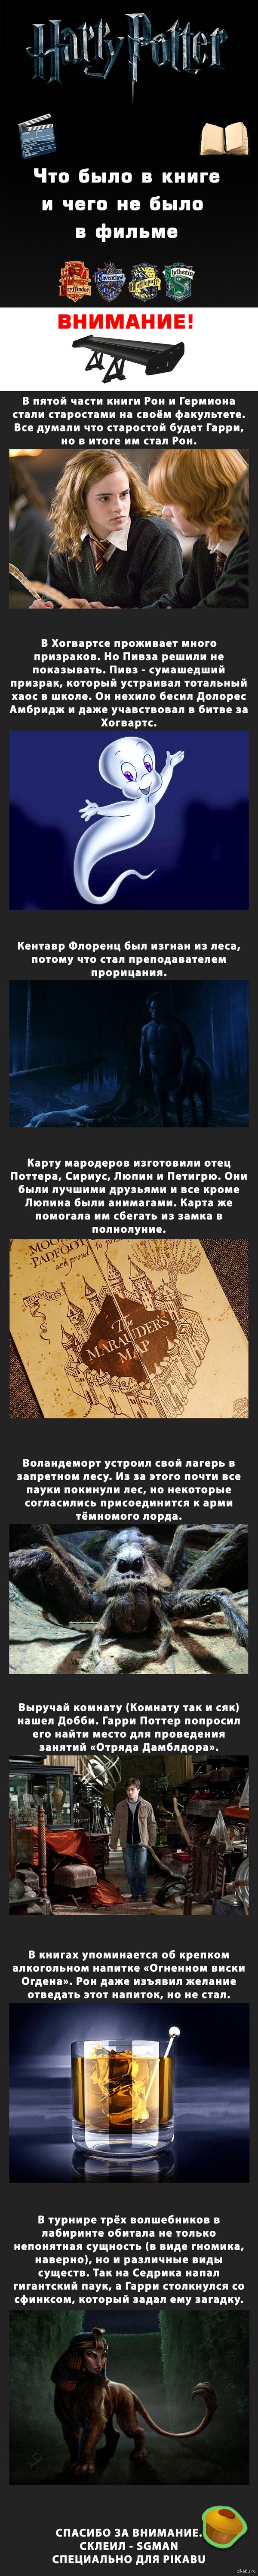 Гарри Поттер. Книга и фильм. Многим понравилась идея, так что я сразу запилил вторую часть.